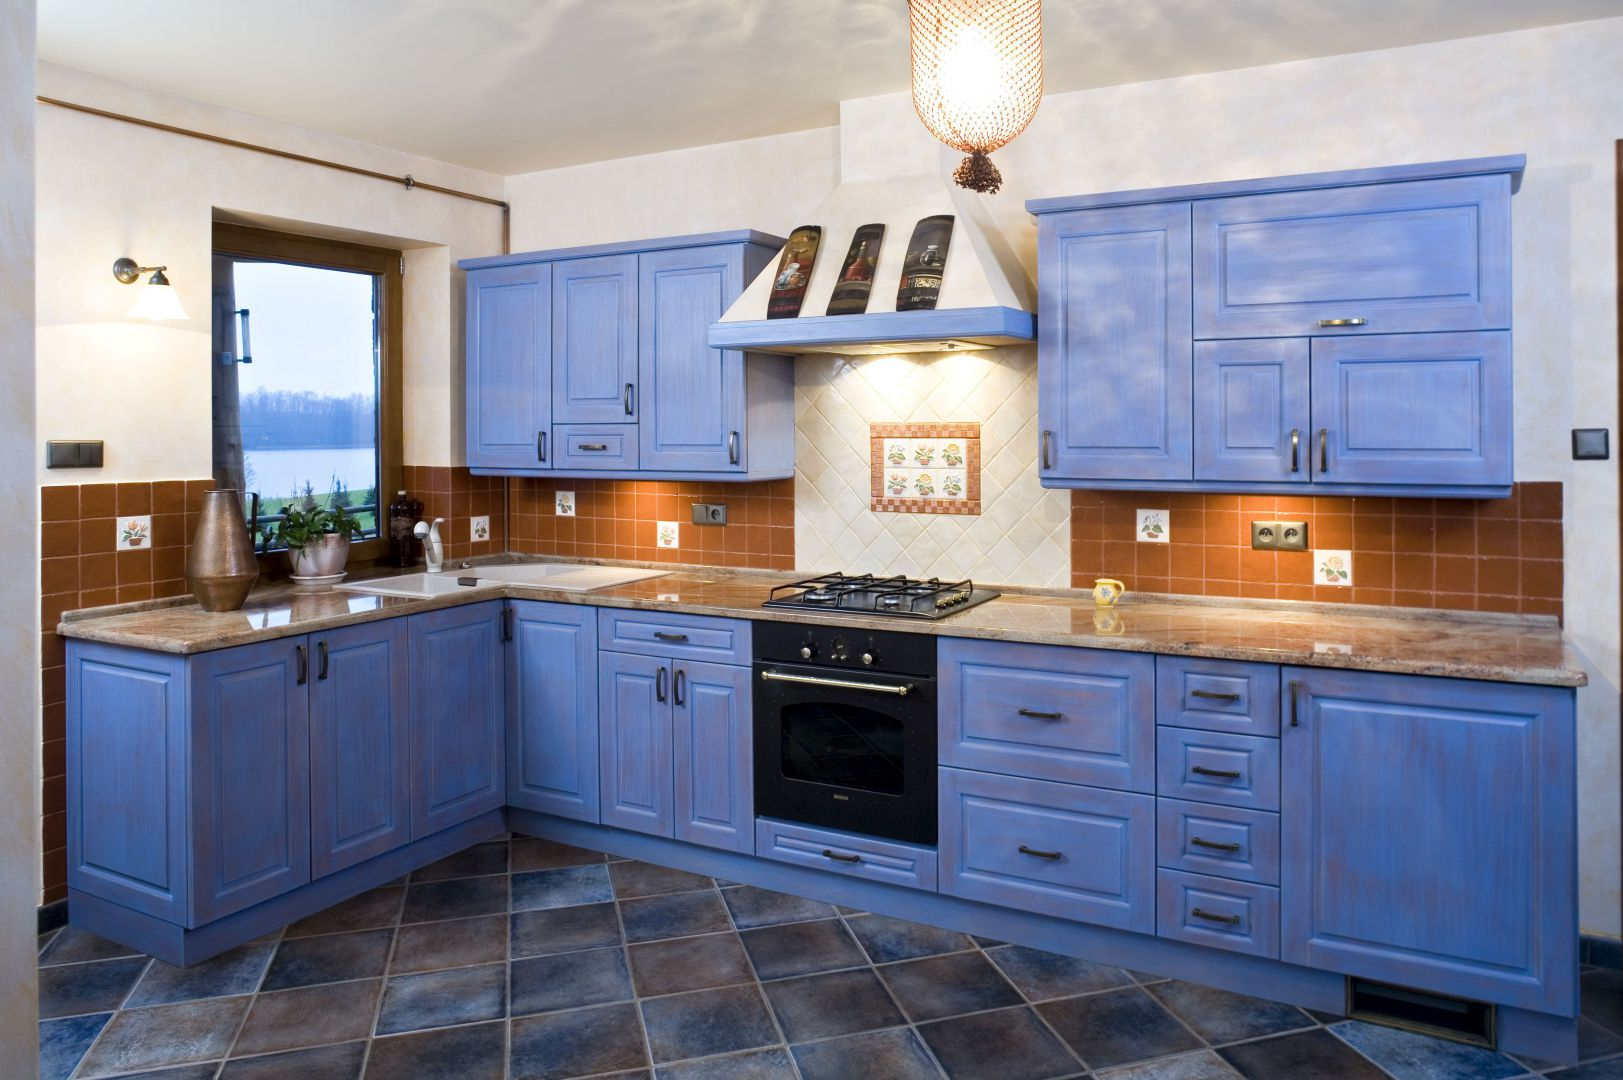 Kuchnia w drewnianym domu Najciekawsze pomysły   -> Kuchnia W Kolorze Niebieskim